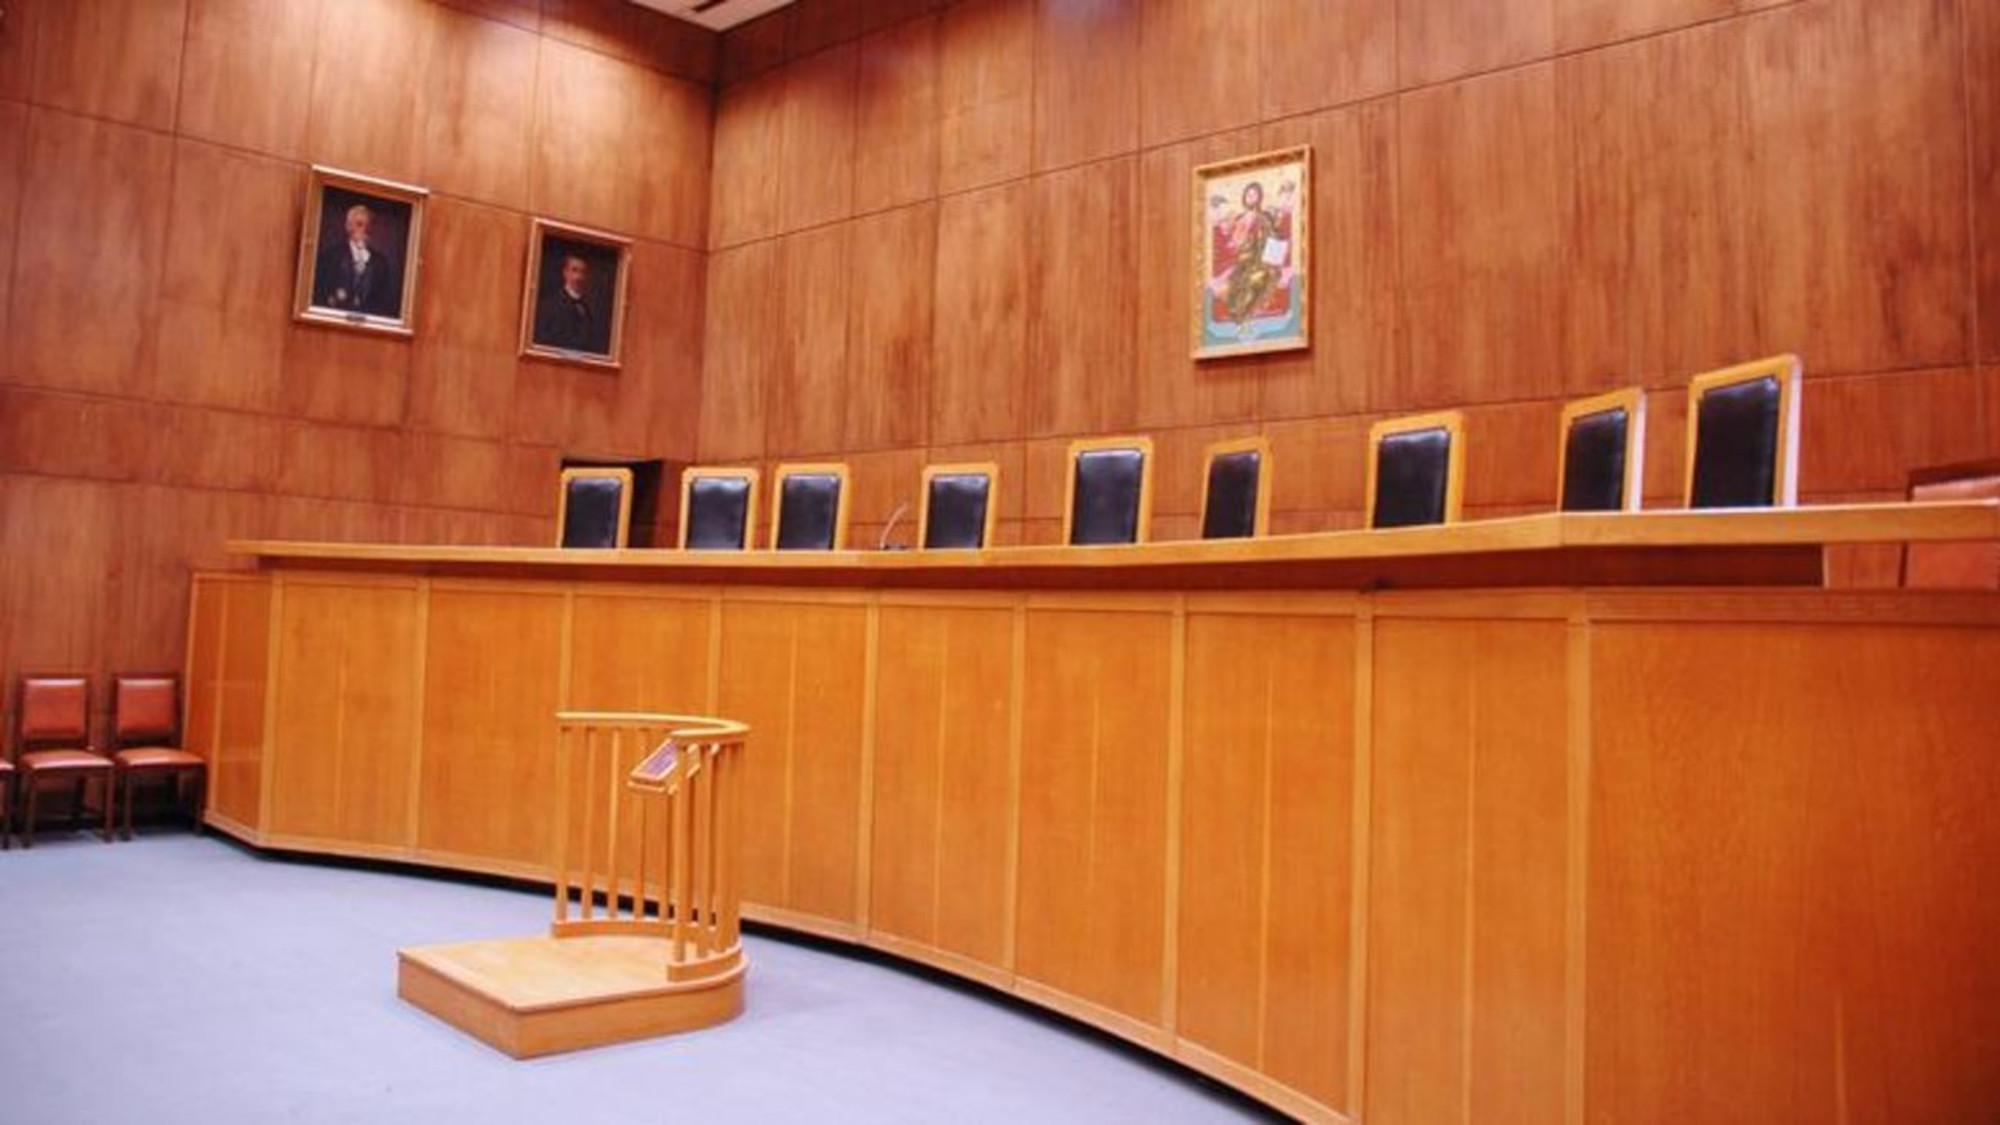 ΕΣΠΑ: Ενισχύσεις 500 ευρώ έως 2.000 ευρώ σε δικηγόρους